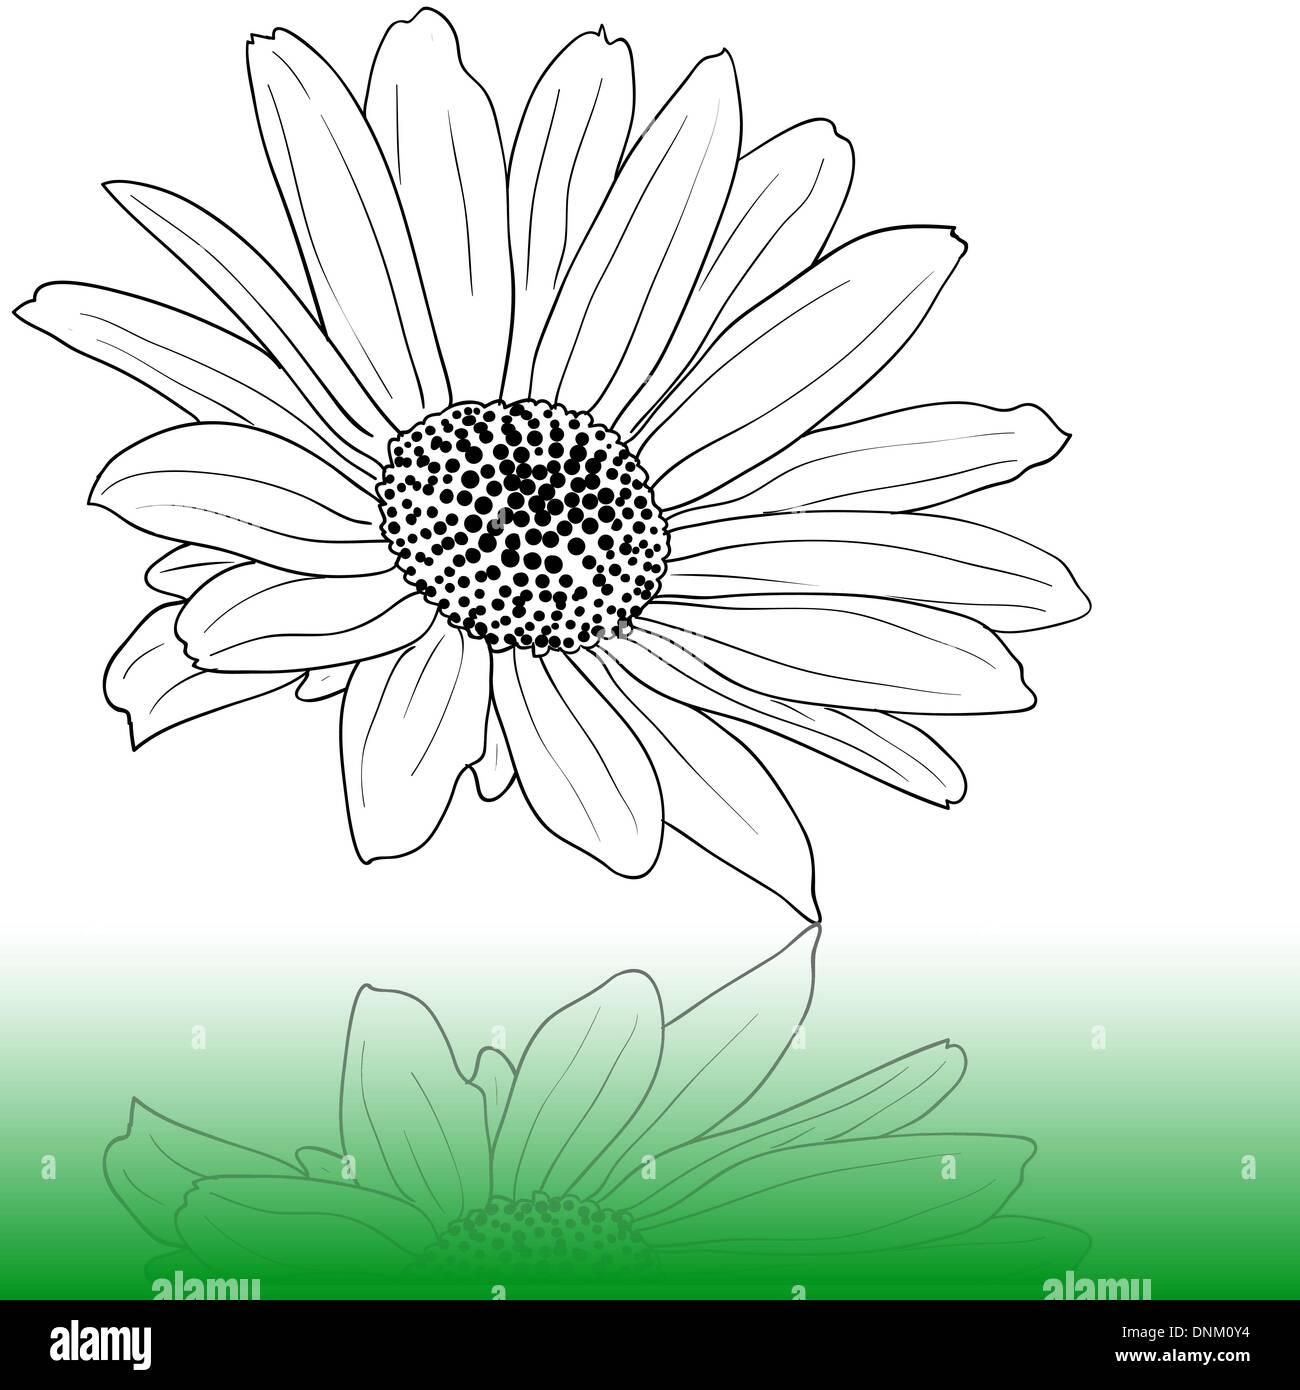 Dibujadas a mano ilustración vectorial Imagen De Stock